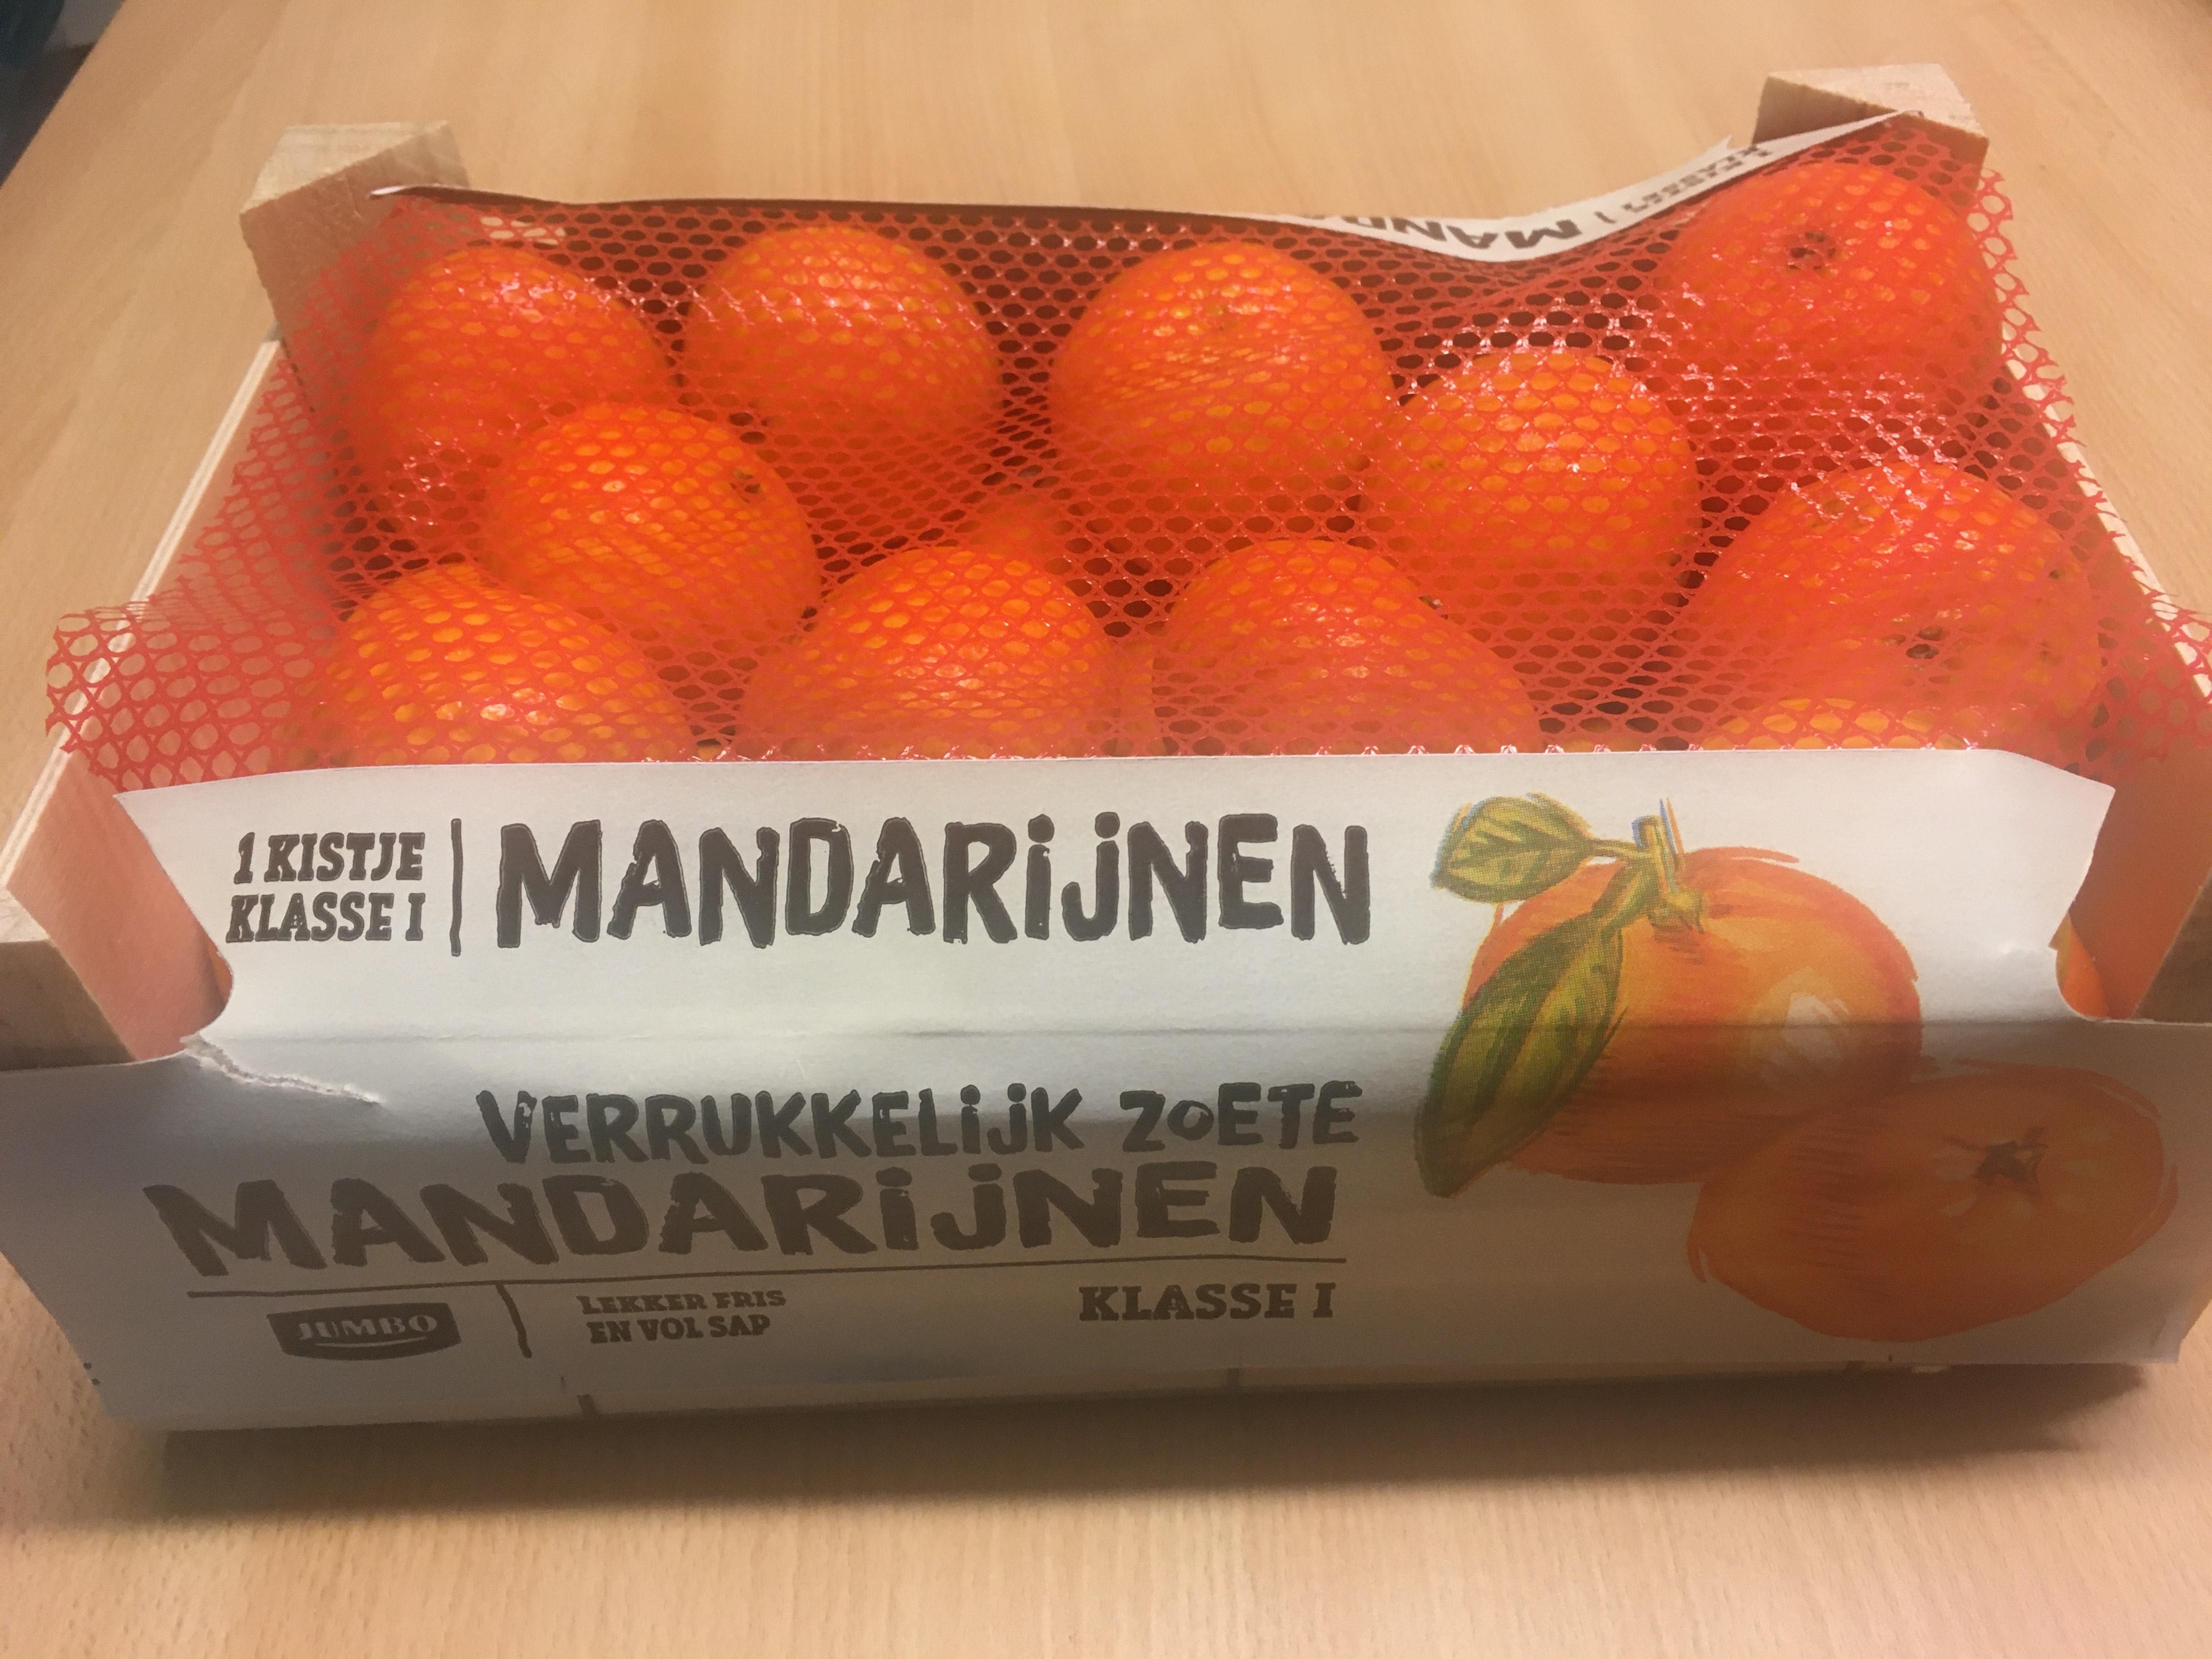 Lokaal arnhem Kistje Mandarijnen 2,3kilo €2,- @Jumbo Arnhem